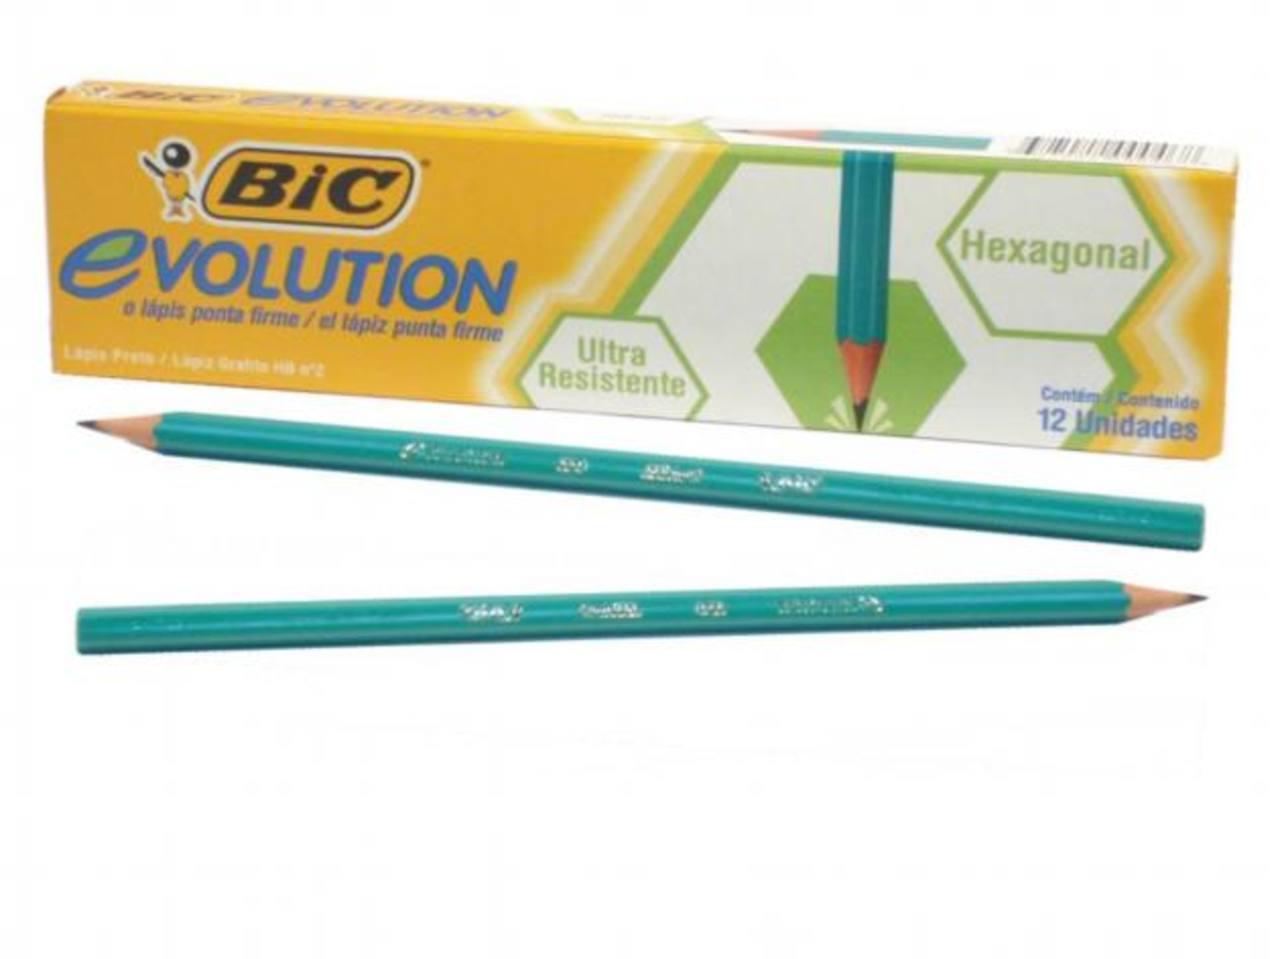 El nuevo lápiz de Bic ofrece mayor agarre, duración y buen trazo al escribir. foto edH